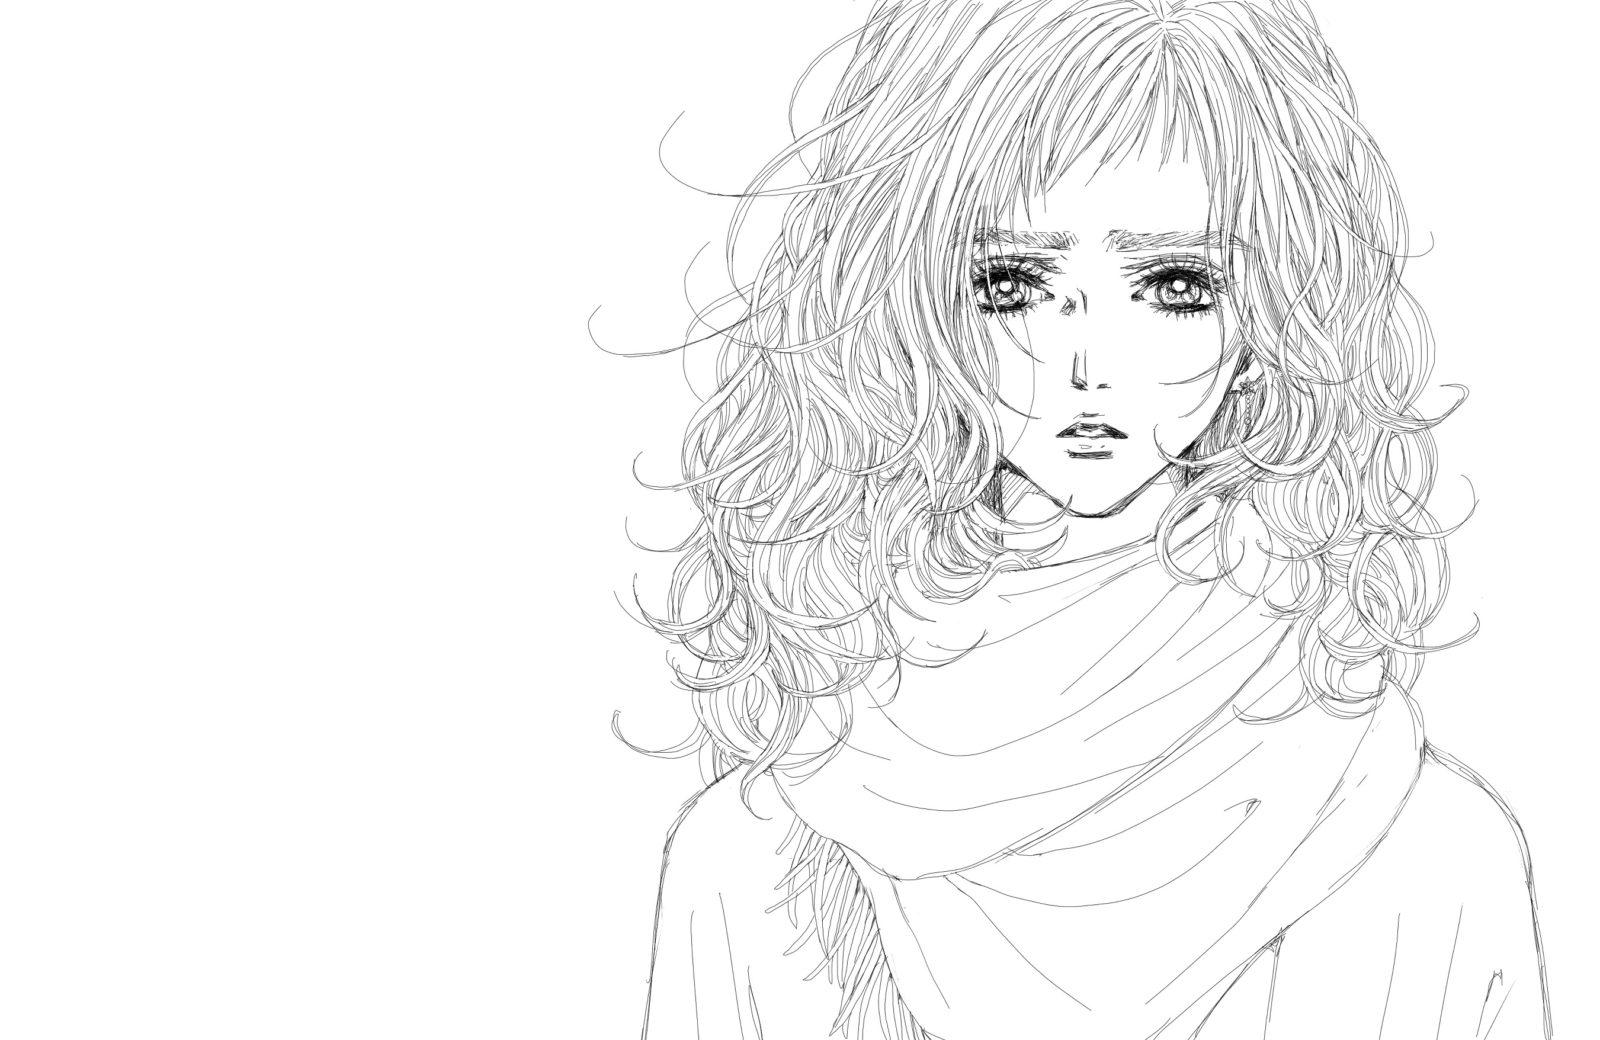 漫画家・矢沢あいがJUJUの新曲「いいわけ」とコラボレーション!第一弾イラストをスペシャルページで公開サムネイル画像